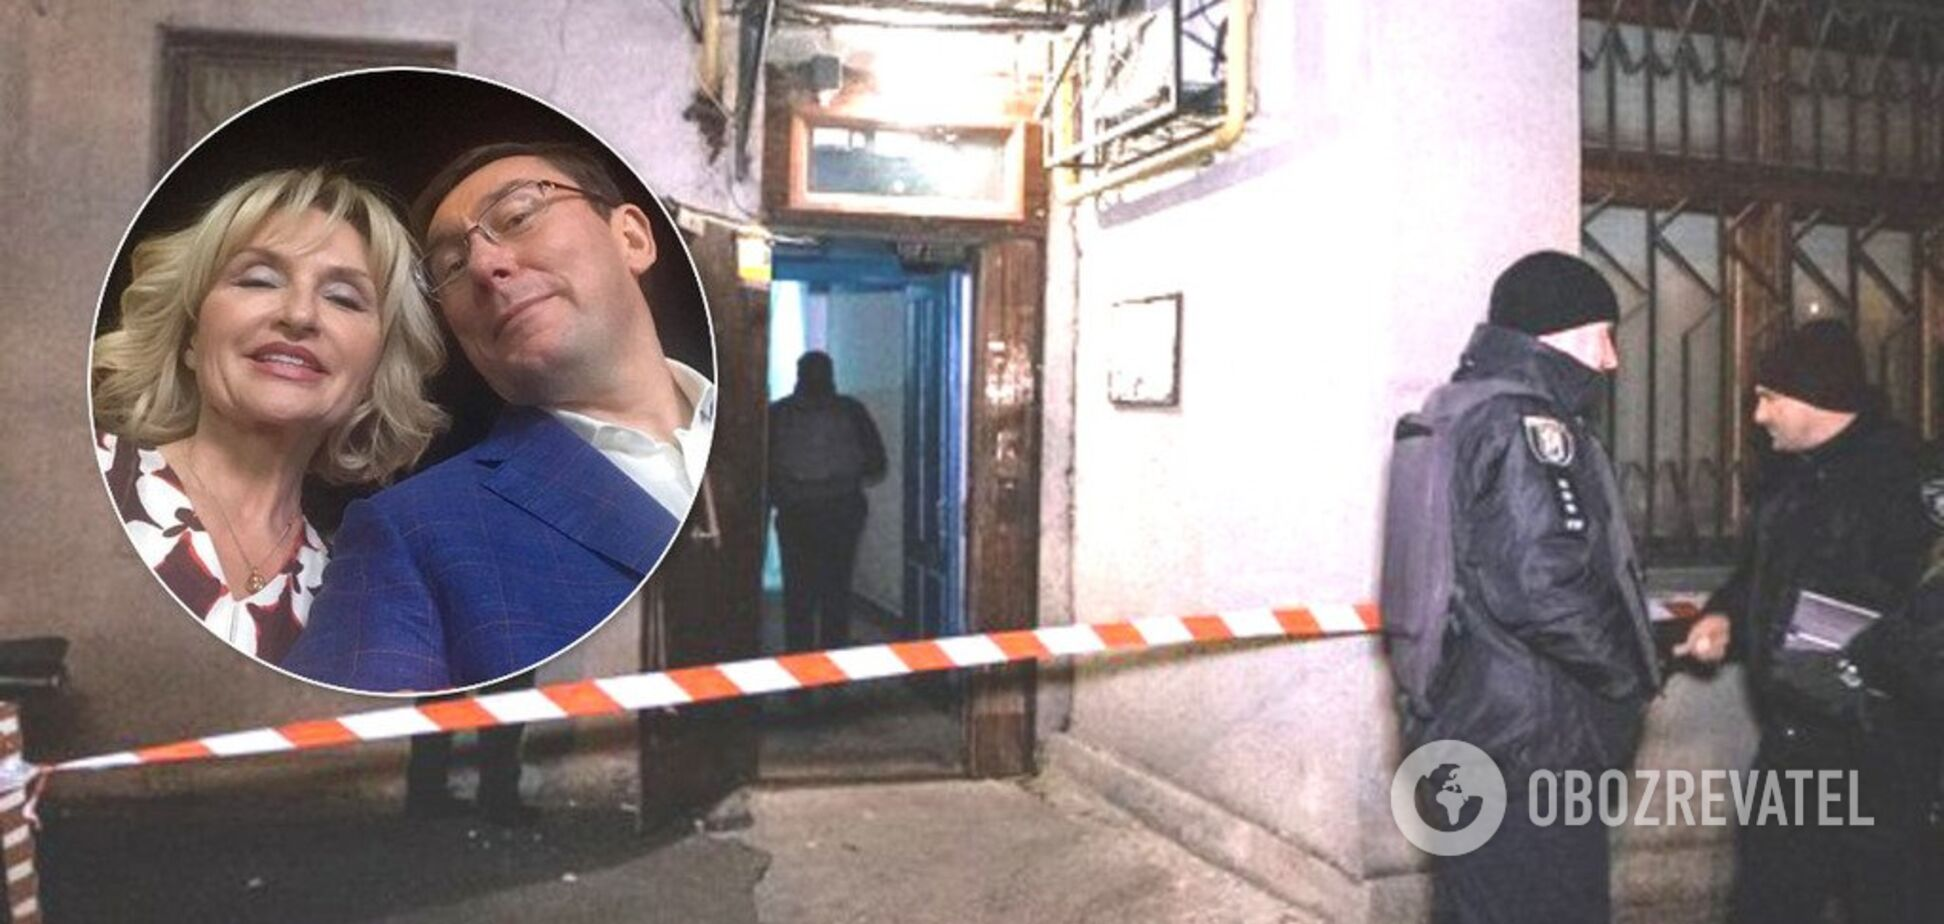 Запах тротила и бизнес Луценко: новые подробности взрыва в Киеве